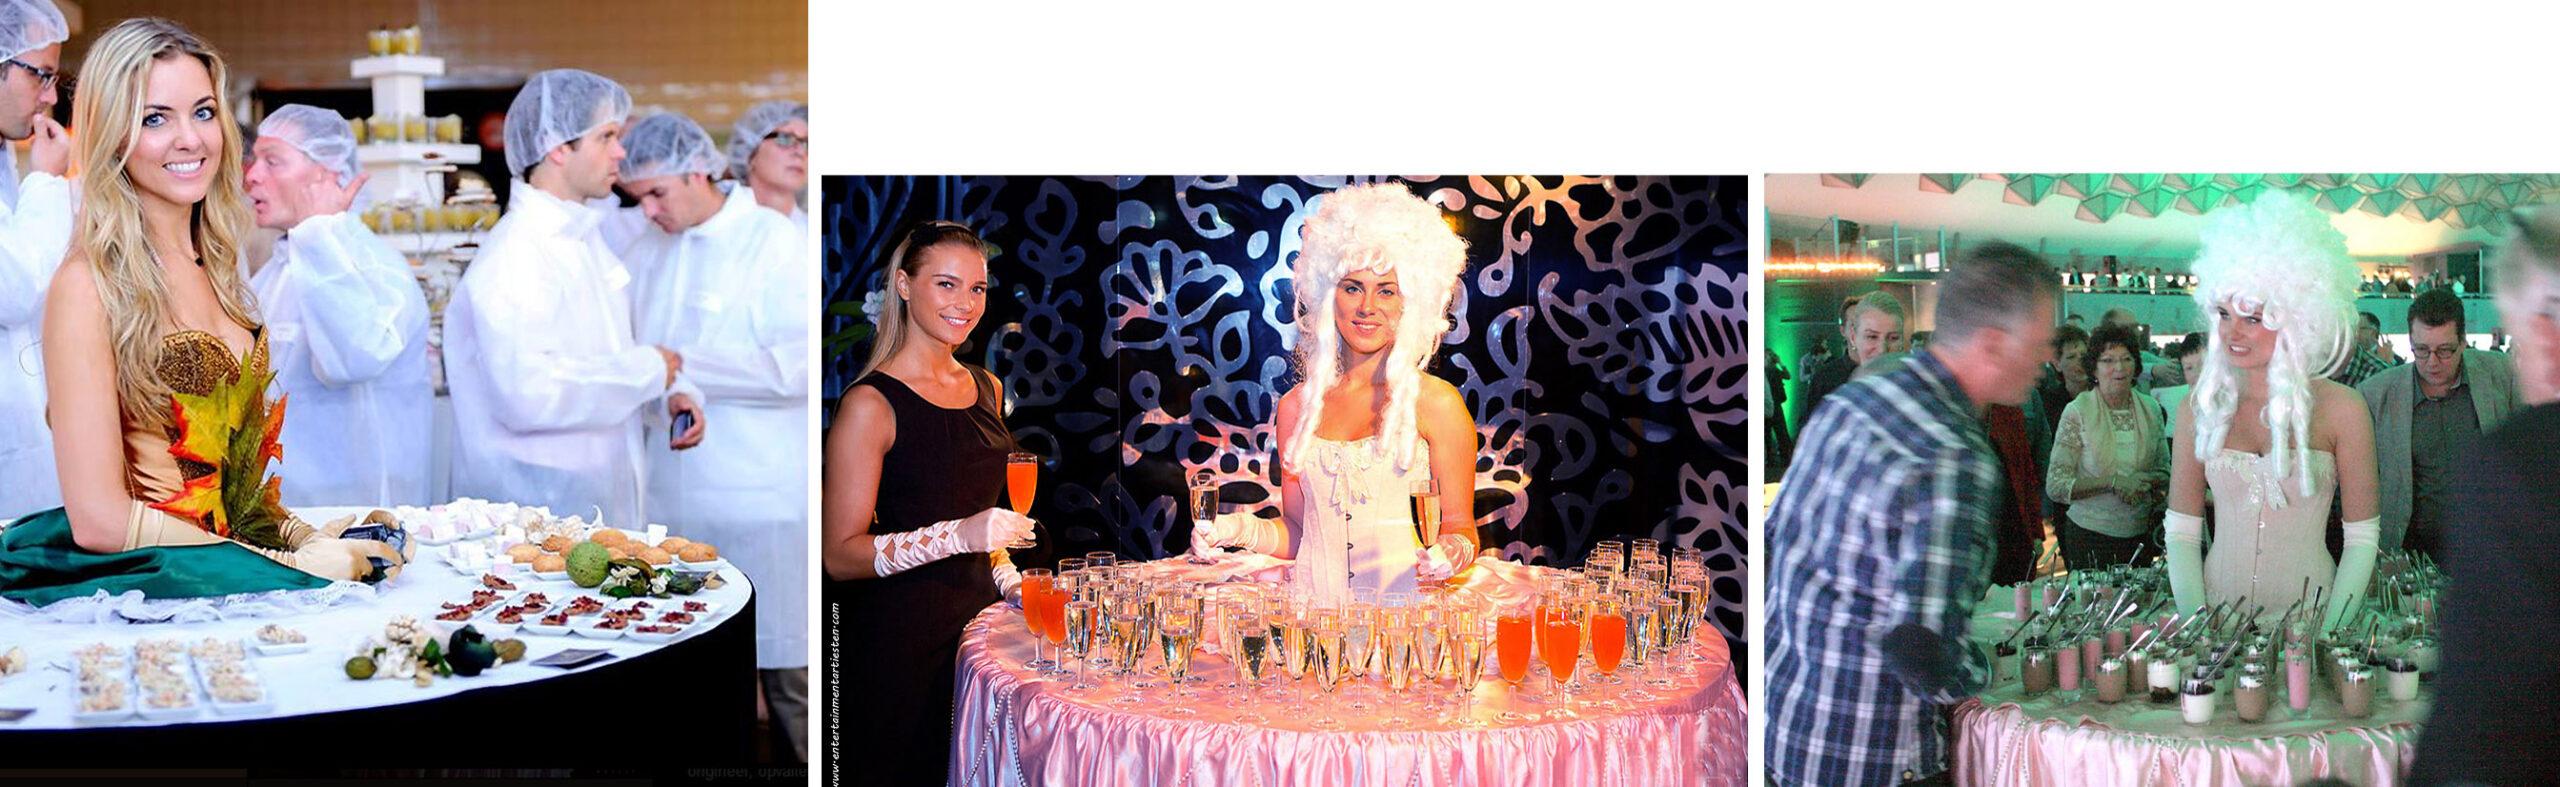 Culinair entertainment om drankjes tijdens het huwelijksfeest aan gasten te serveren, themafeest, evenement organiseren, artiesten boeken, artiestenbureau, culinair entertainment, horeca acts, culinaire acts, catering acts, ontvangst act, beurs & promotie acts, Govers Evenementen, www.goversartiesten.nl